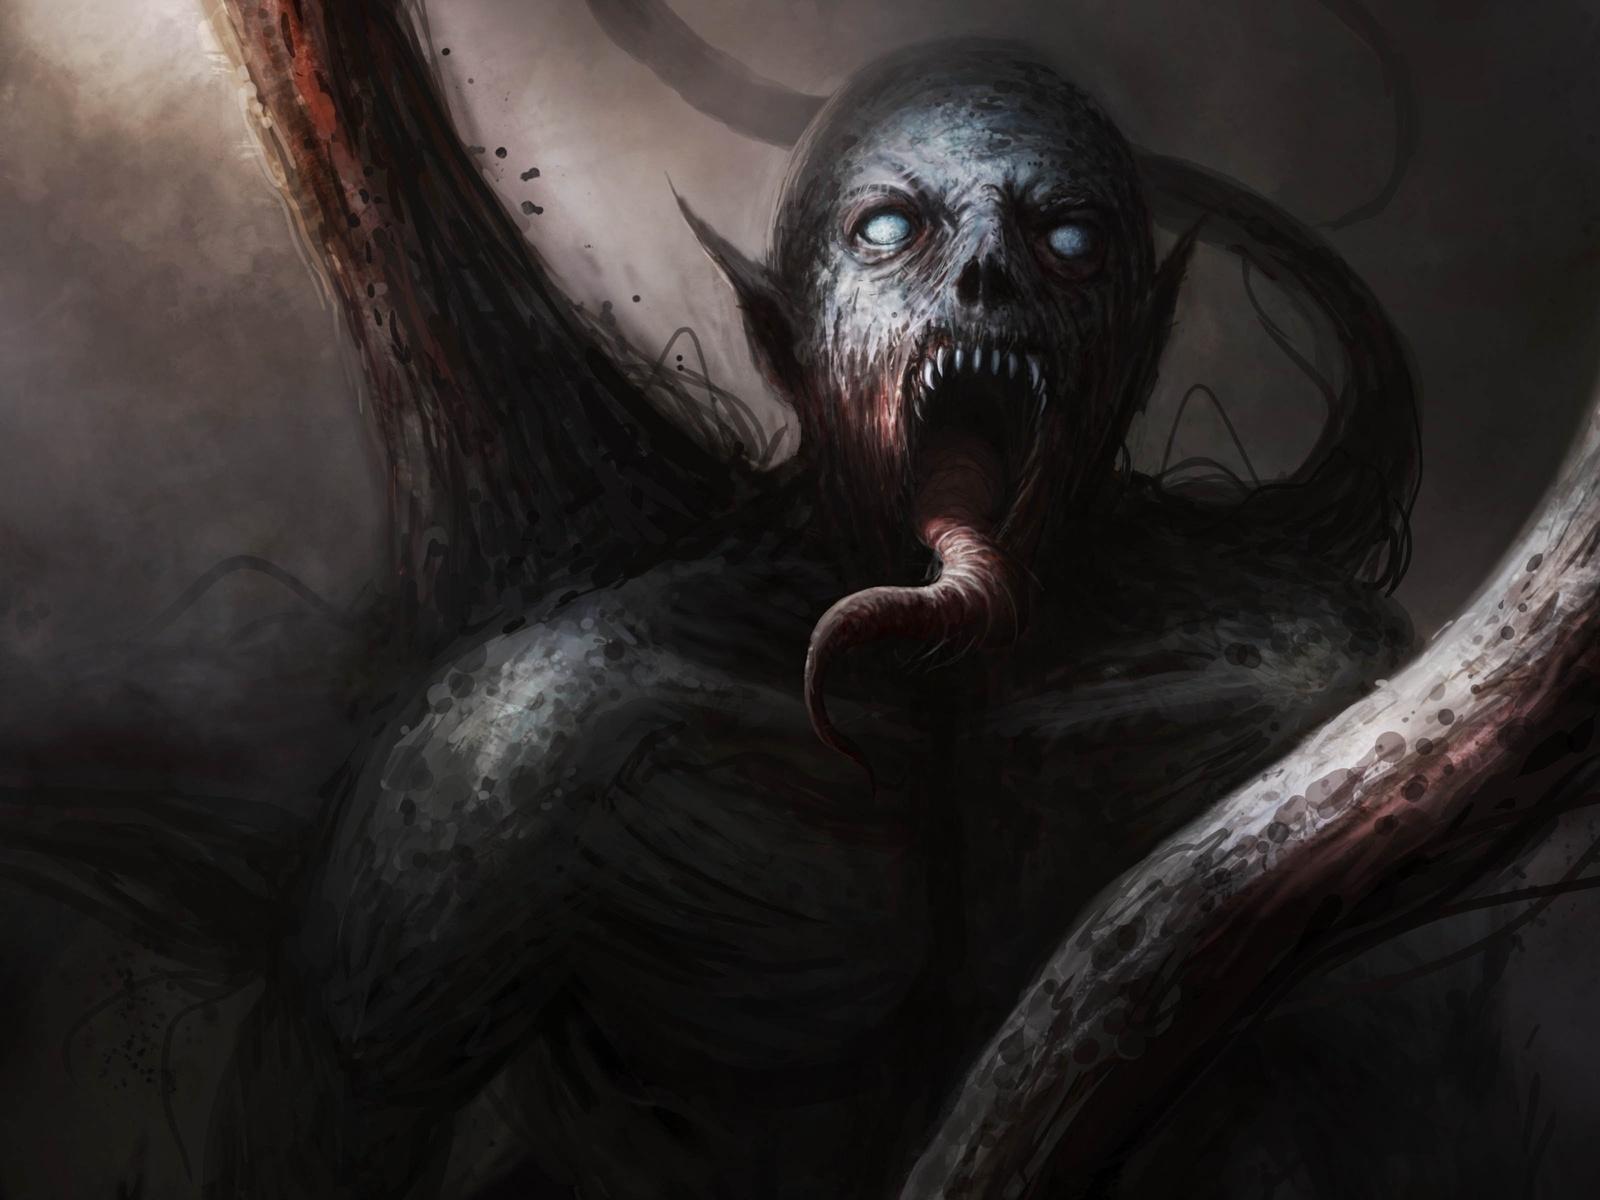 dark, demon, fantasy, evil, art, artwork